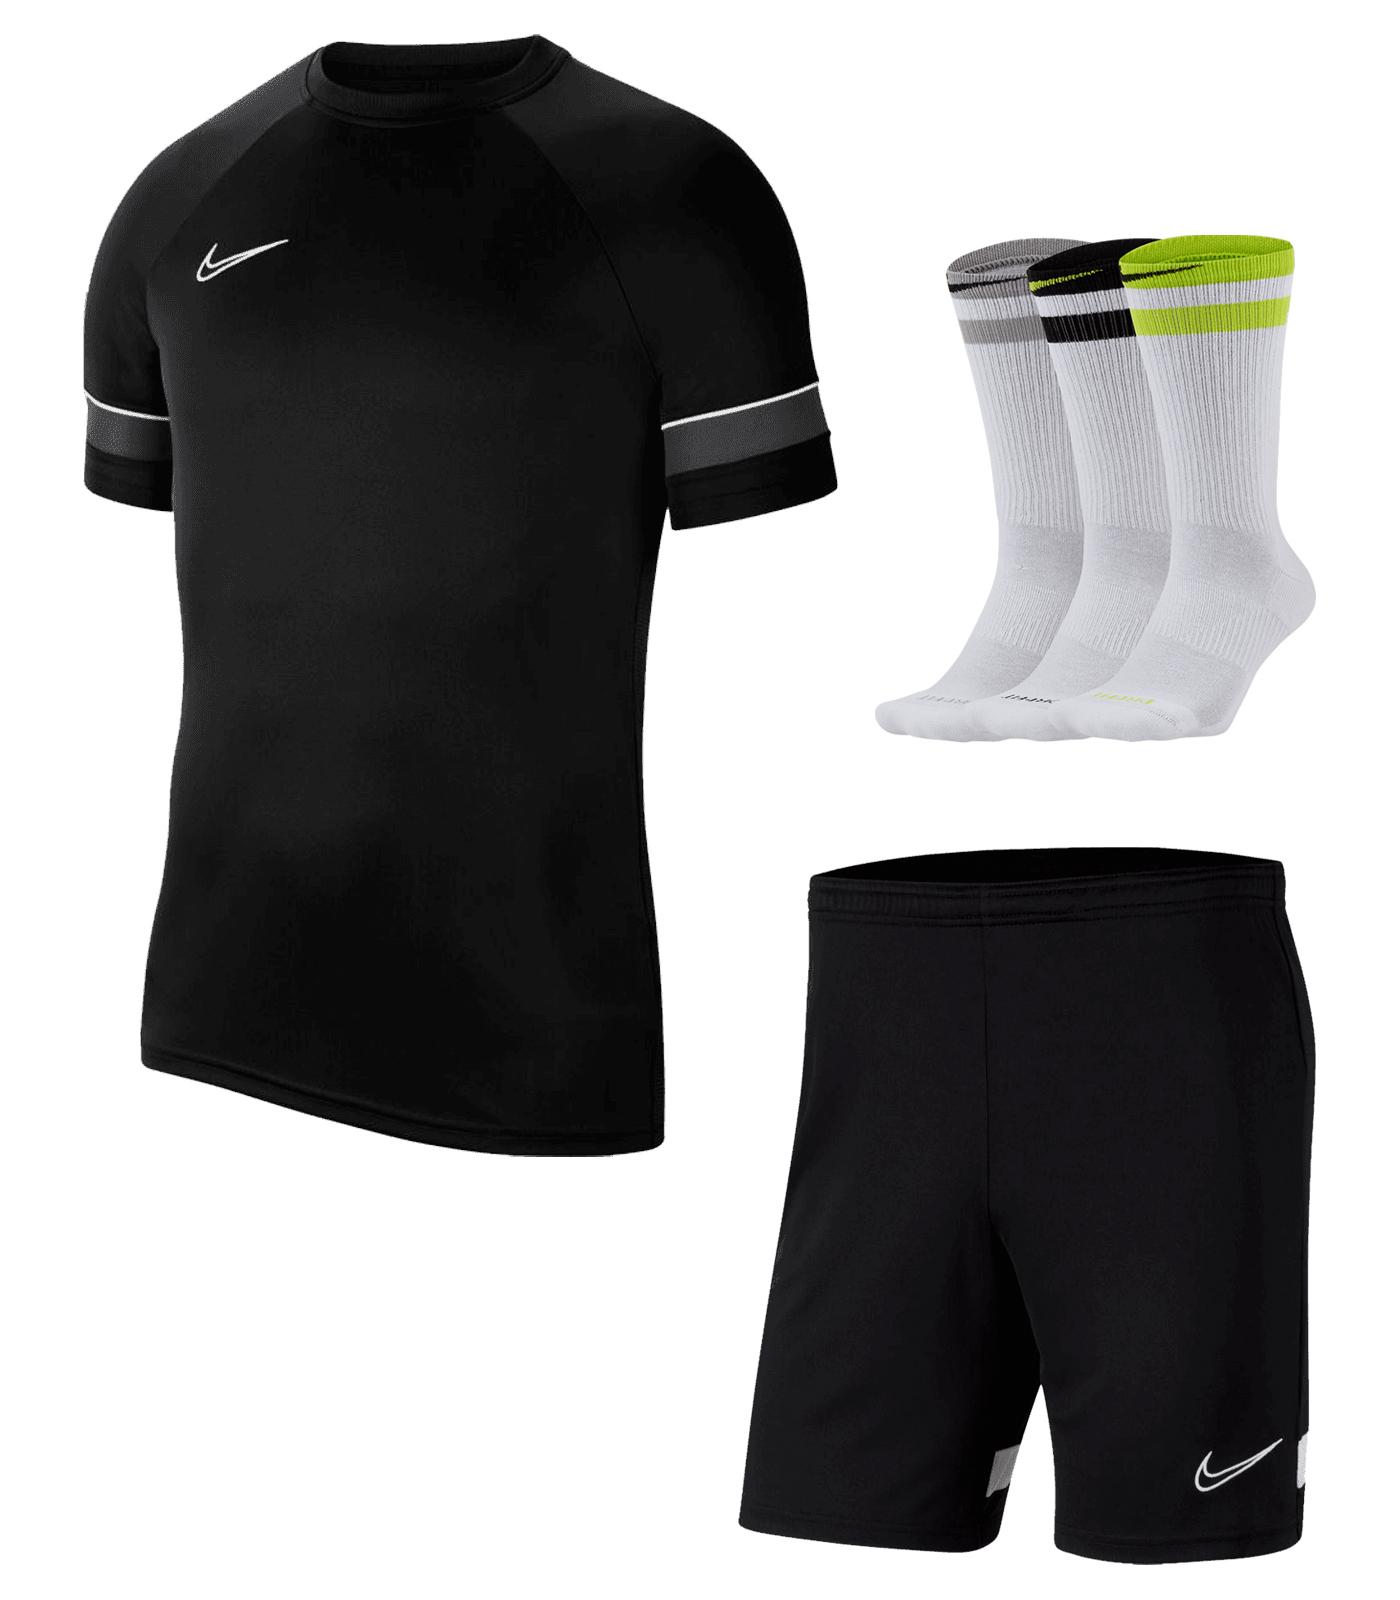 Nike Trainingsset Academy 21 (3-teilig)